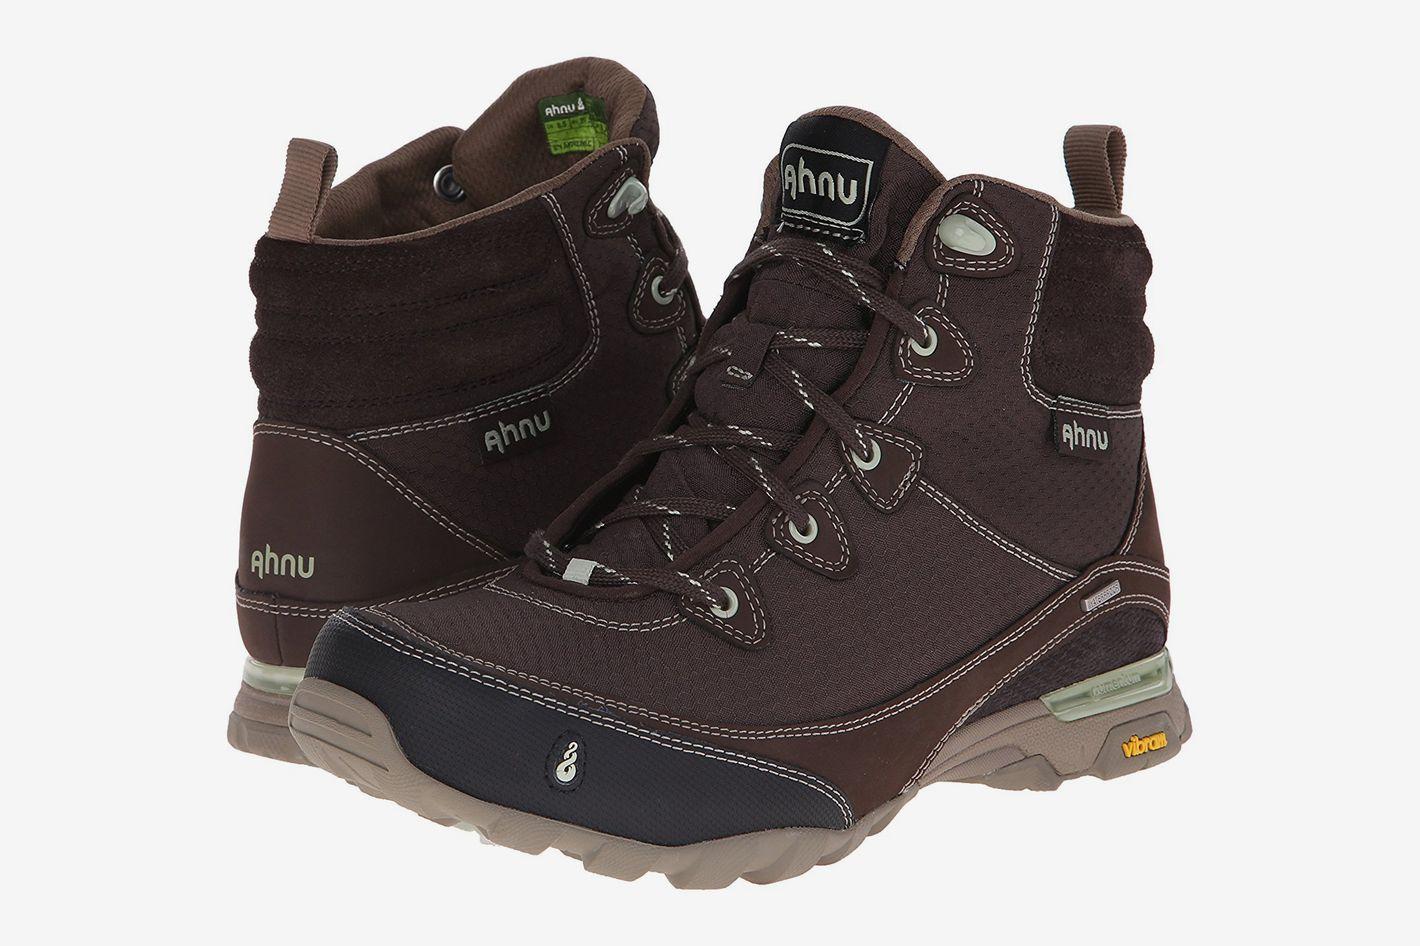 ahnu best lightweight women's hiking boots